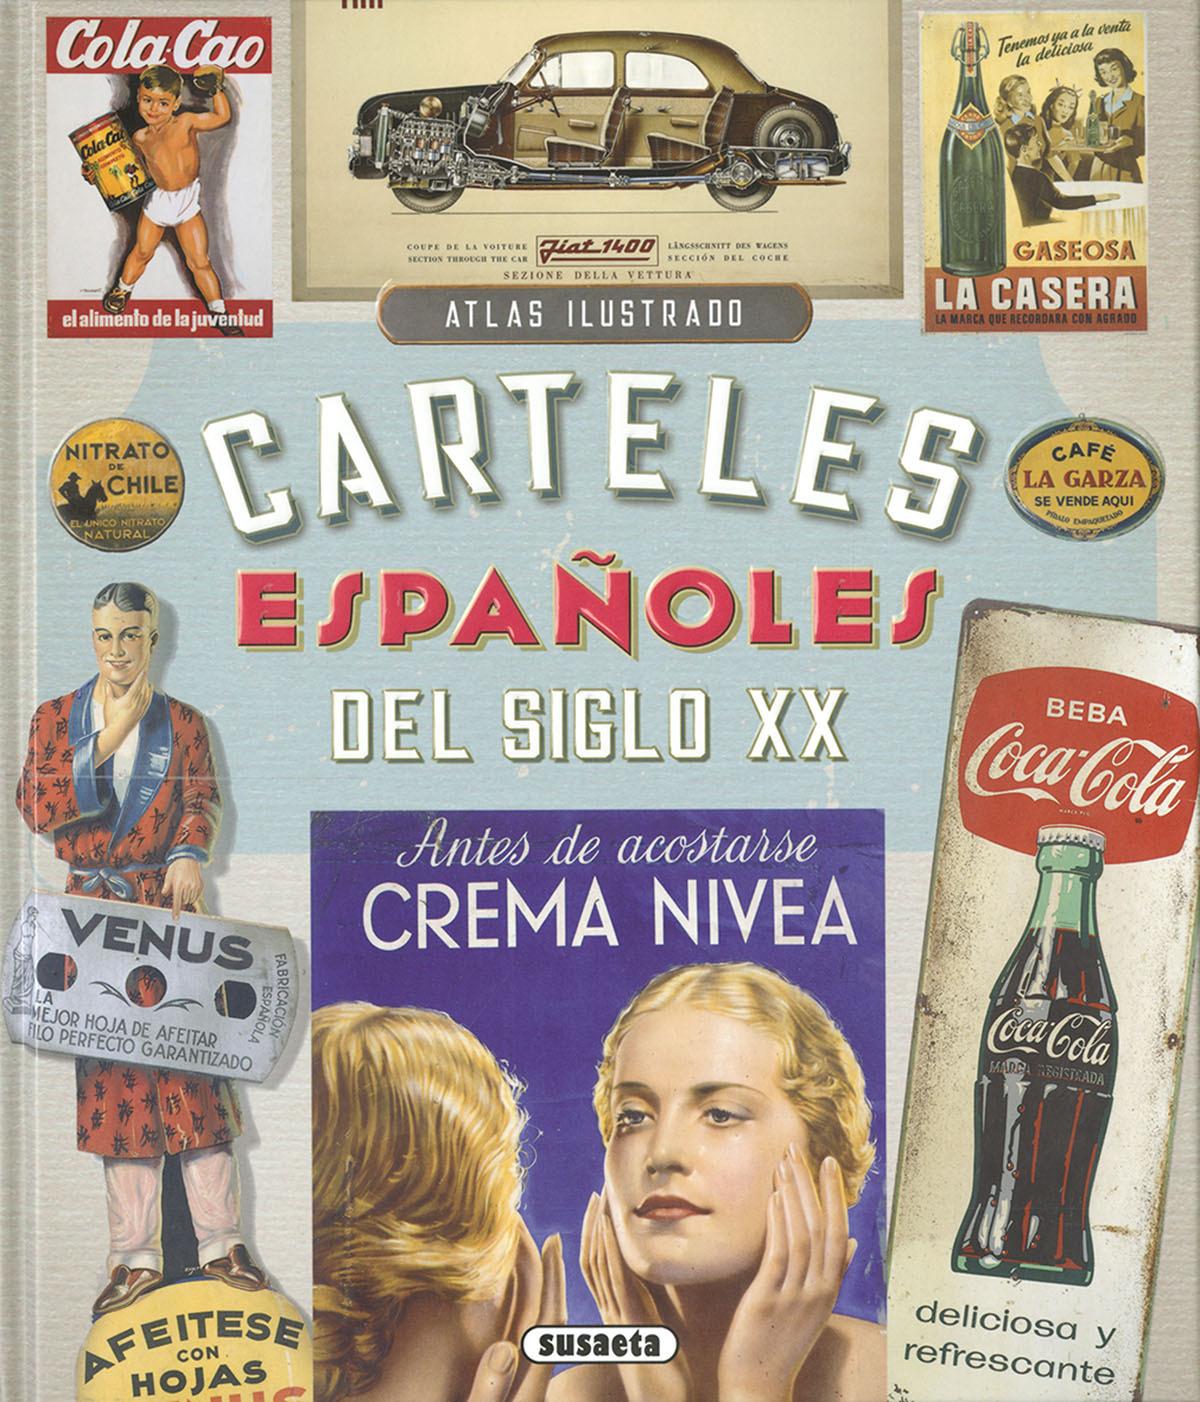 CARTELES ESPAñOLES DEL SIGLO XX 9788467766844